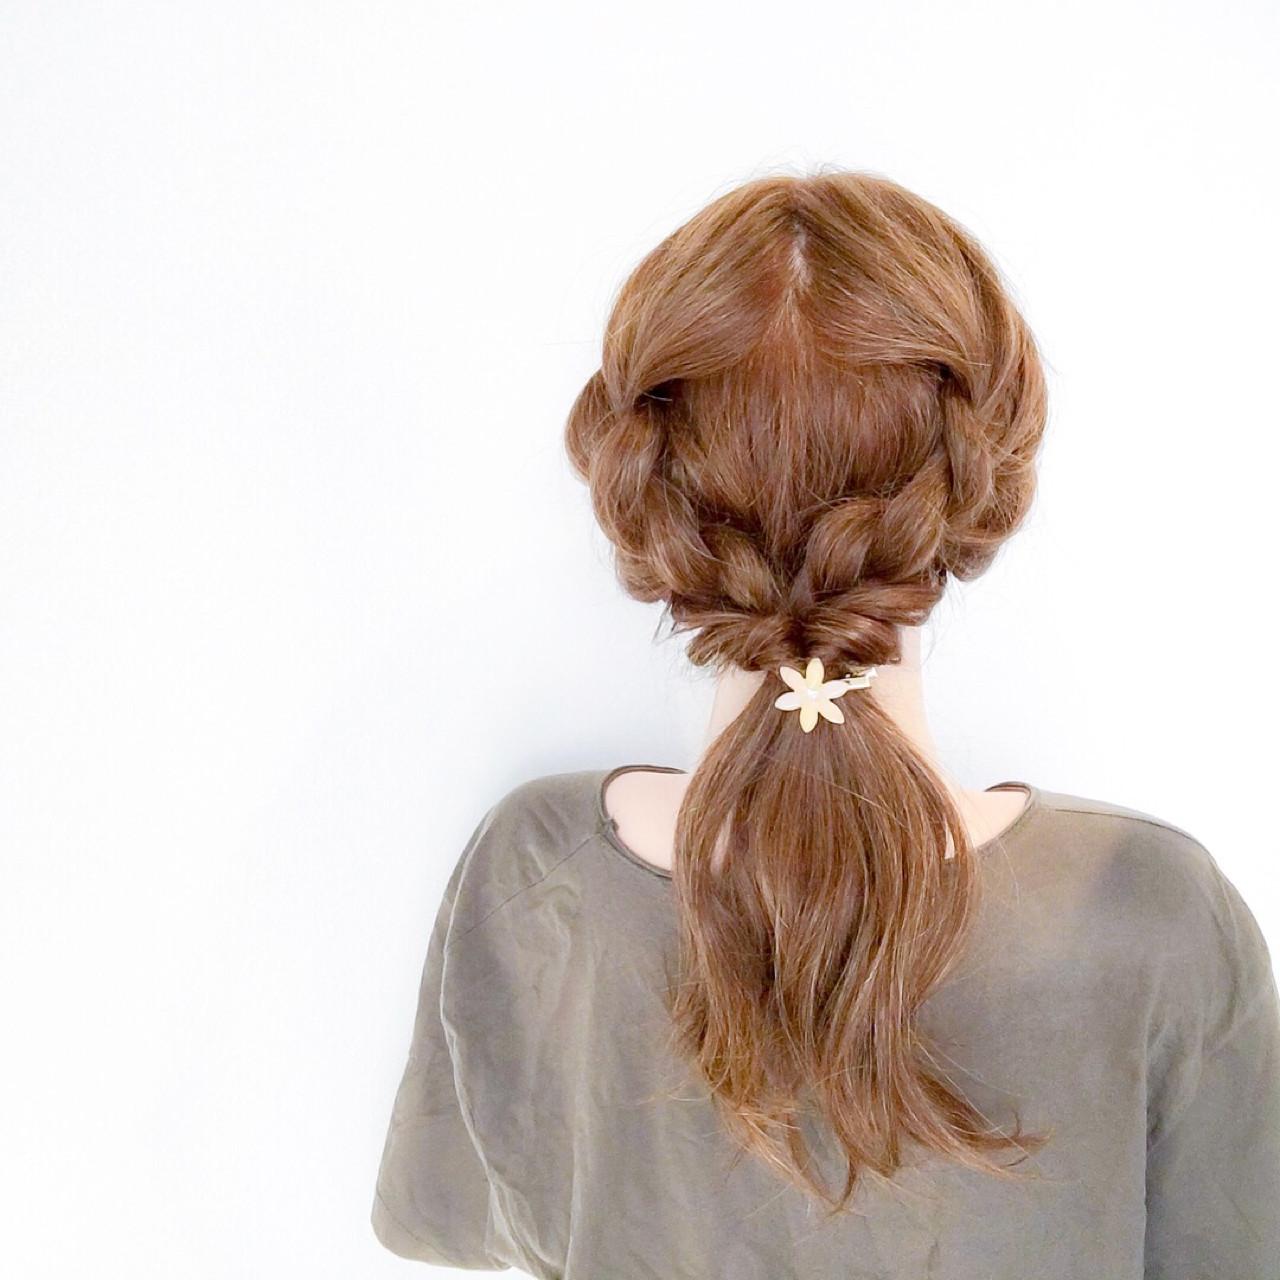 大人にも似合う簡単ヘアアレンジ 美容師 HIRO